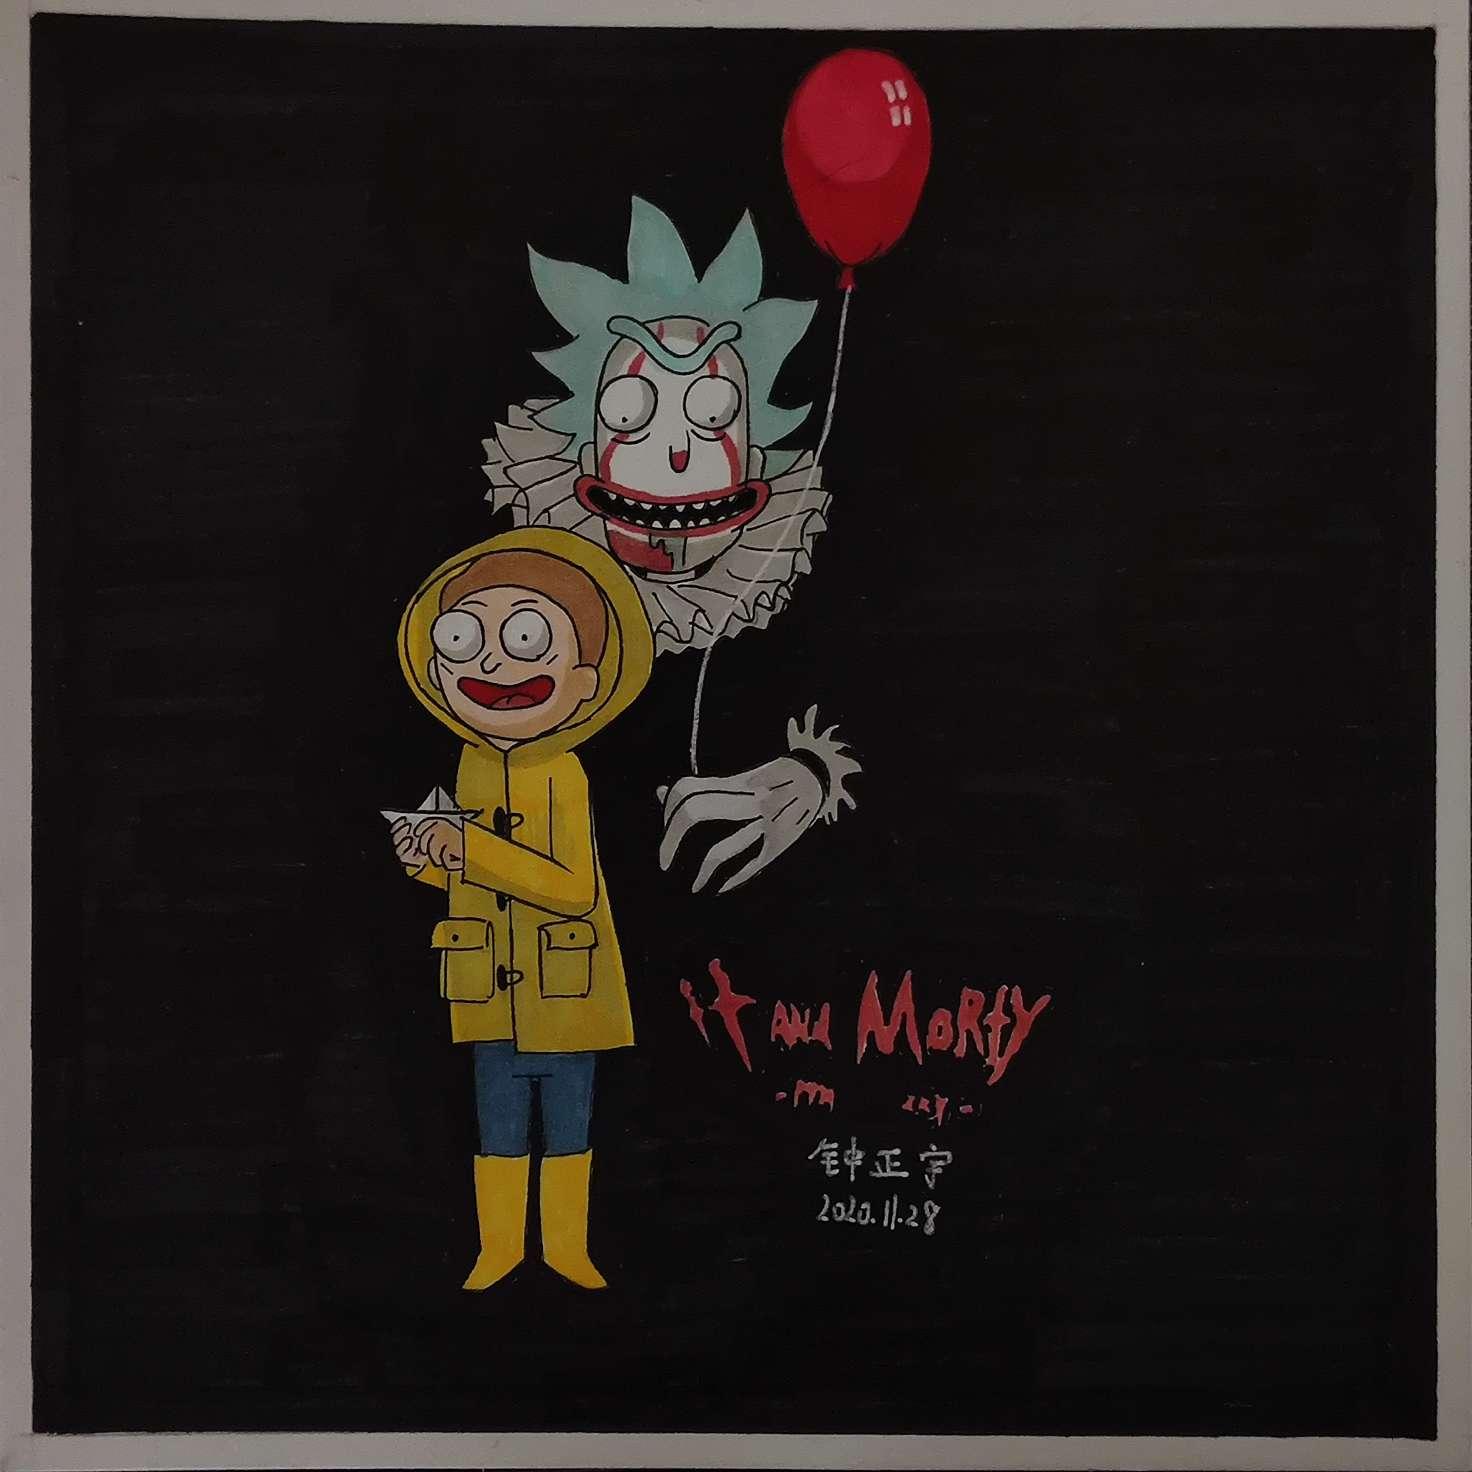 【手绘】瑞克和莫蒂插画